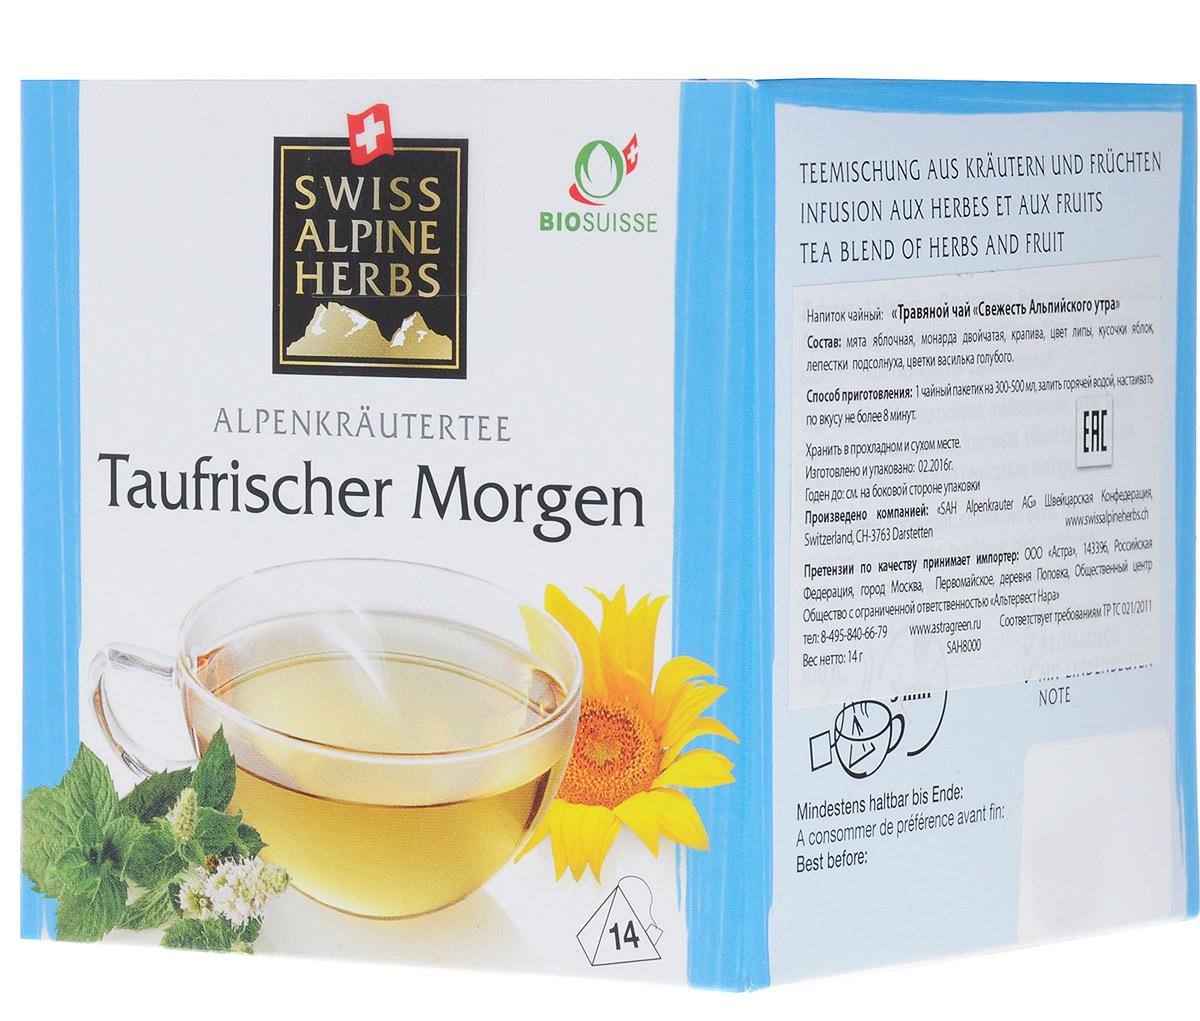 Swiss Alpine Herbs Свежесть альпийского утра - это вкусный, бодрящий и тонизирующий напиток. В его состав входят альпийские травы: мята яблочная, двойчатая монарда, крапива, цветки липы, кусочки яблок, лепестки подсолнечника и цветки голубого василька. Не просто вкусный, но и очень полезный чай обеспечит ваш организм нужными витаминами.